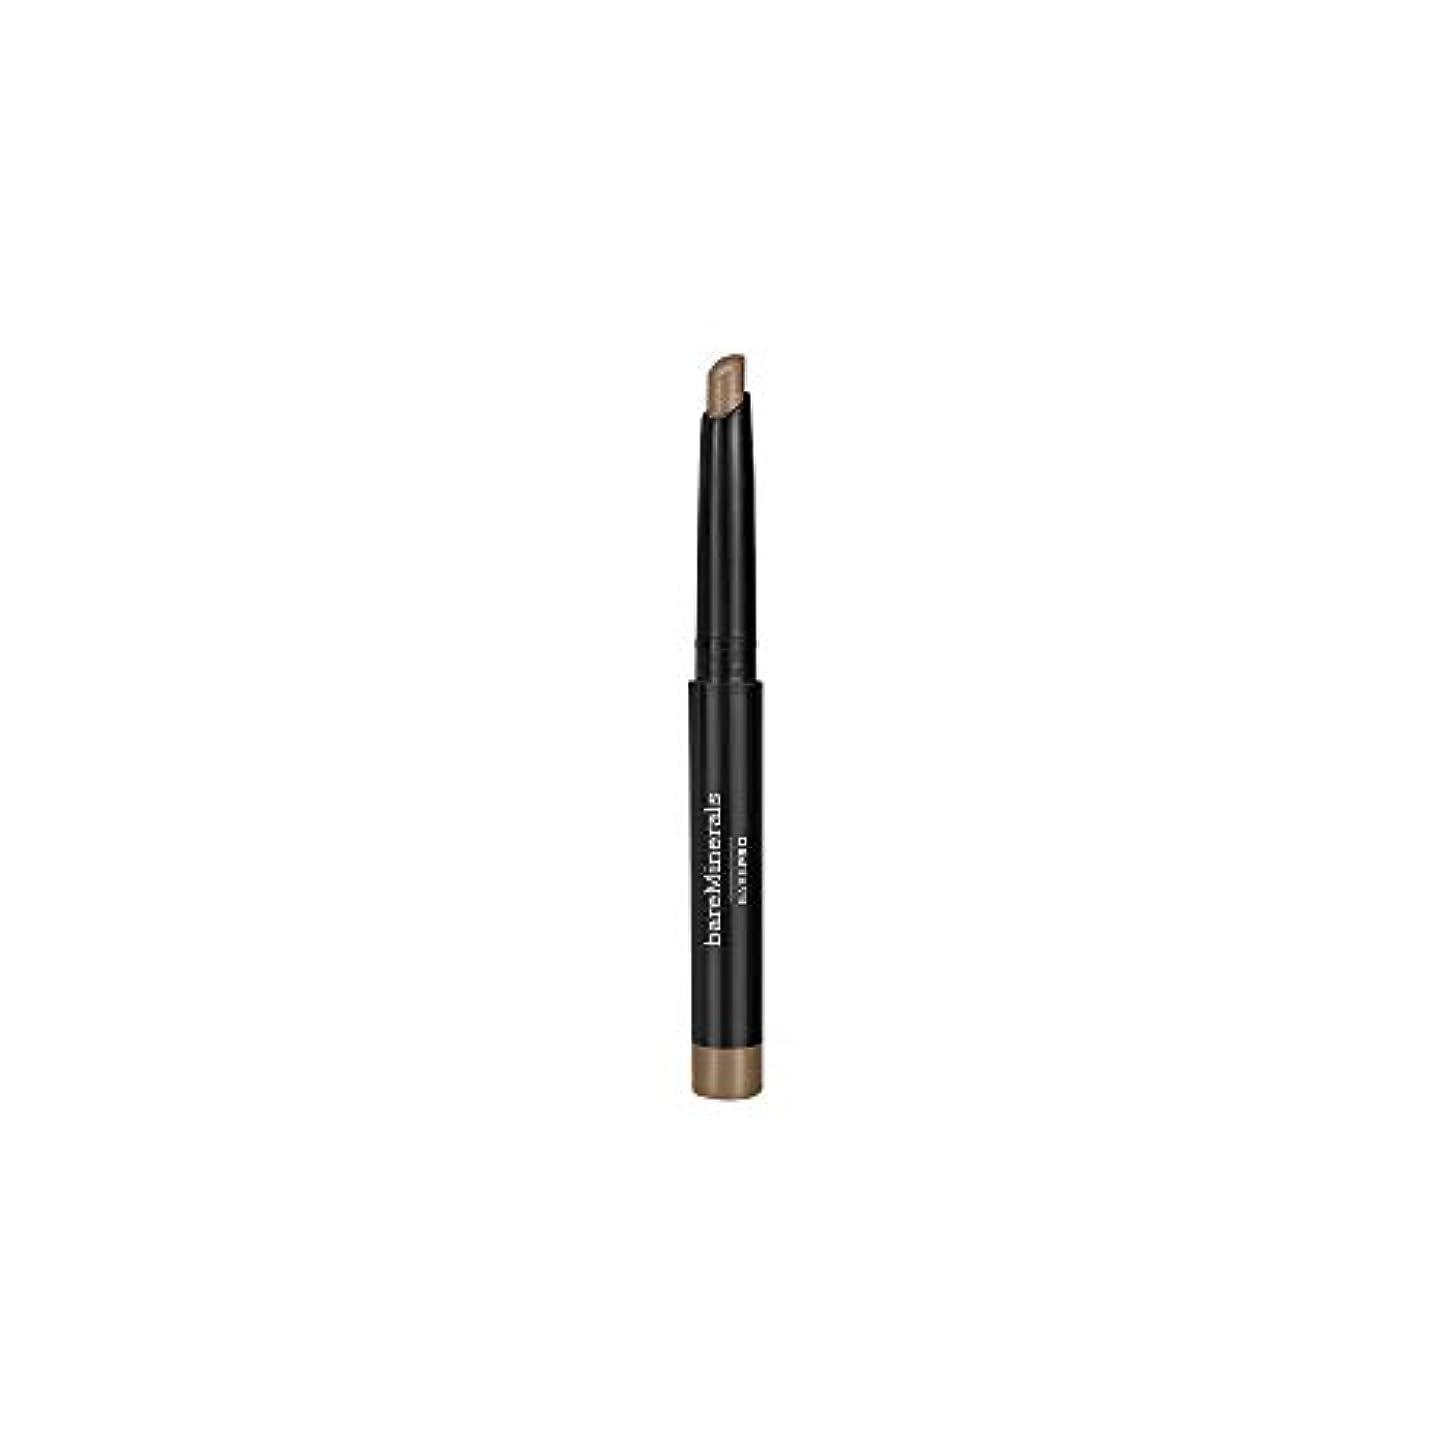 カブバイナリ一元化する[bareMinerals ] ベアミネラルBarepro Longwearのアイシャドウスティック1.6グラムスモーキーチャイ - bareMinerals BarePro Longwear Eyeshadow Stick 1.6g Smoky Chai [並行輸入品]